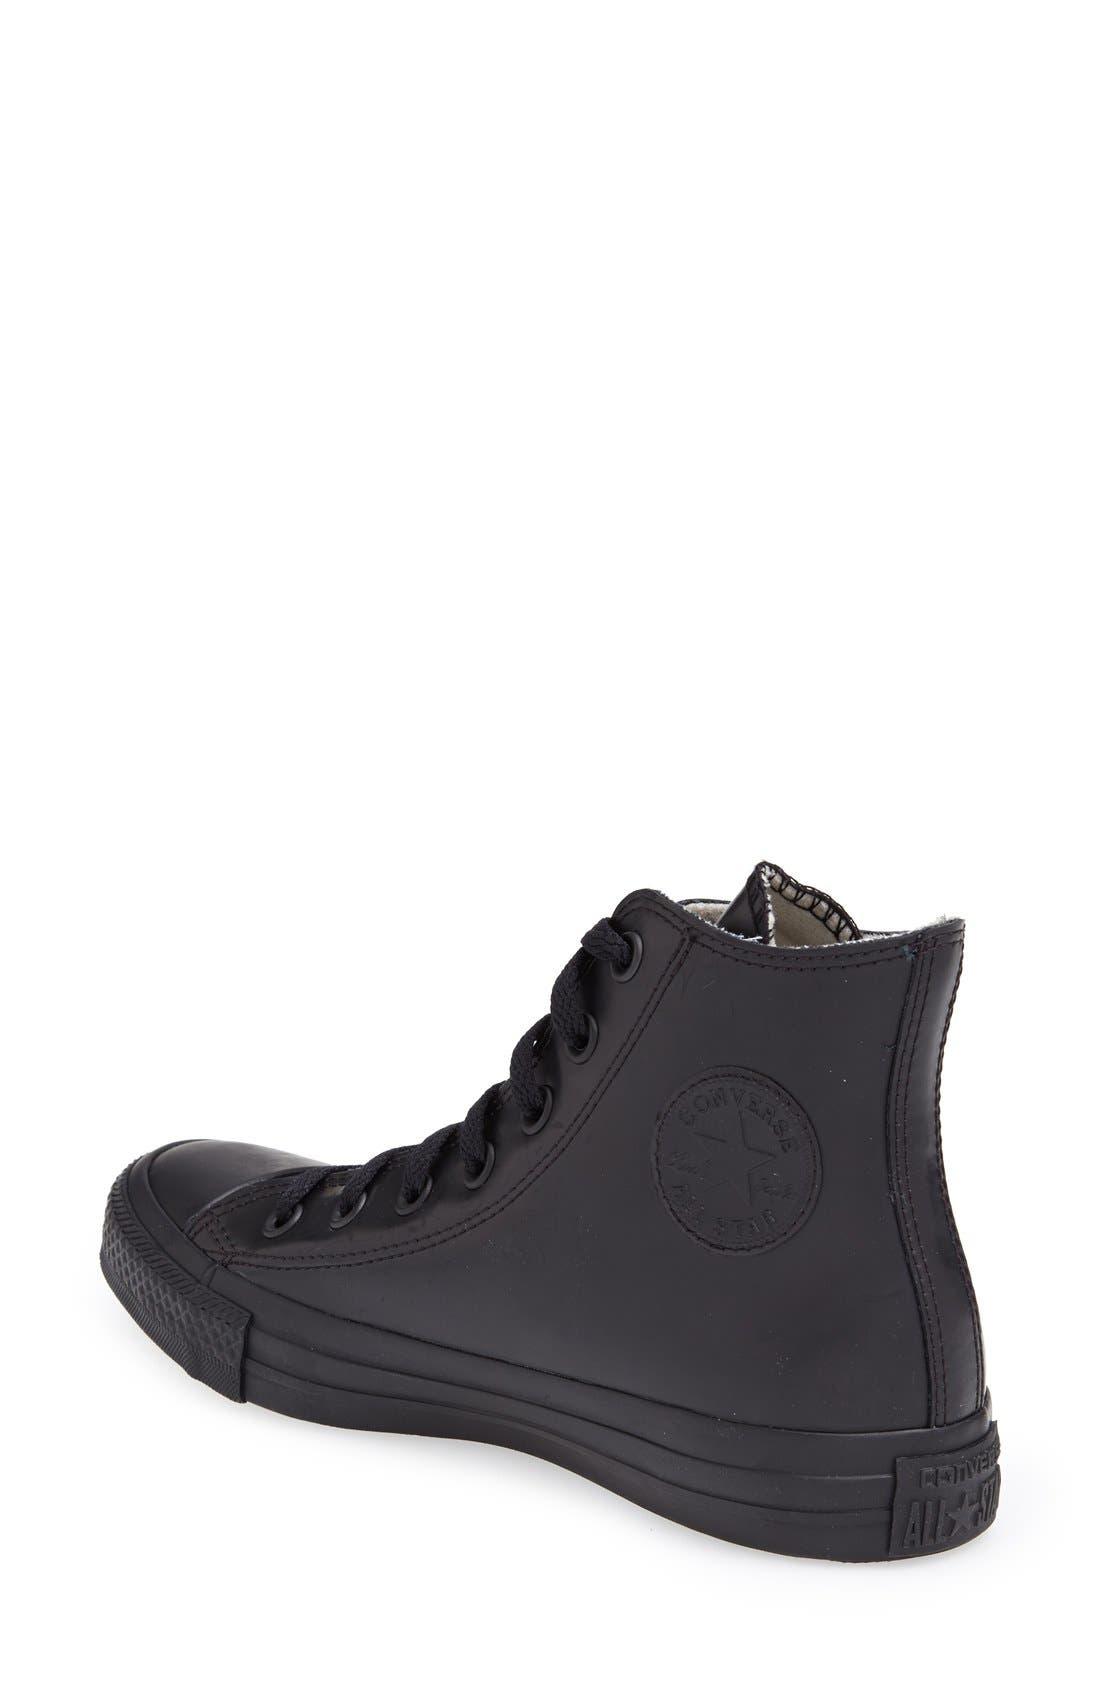 Alternate Image 2  - Chuck Taylor® All Star® Waterproof Rubber Rain Sneaker (Women)